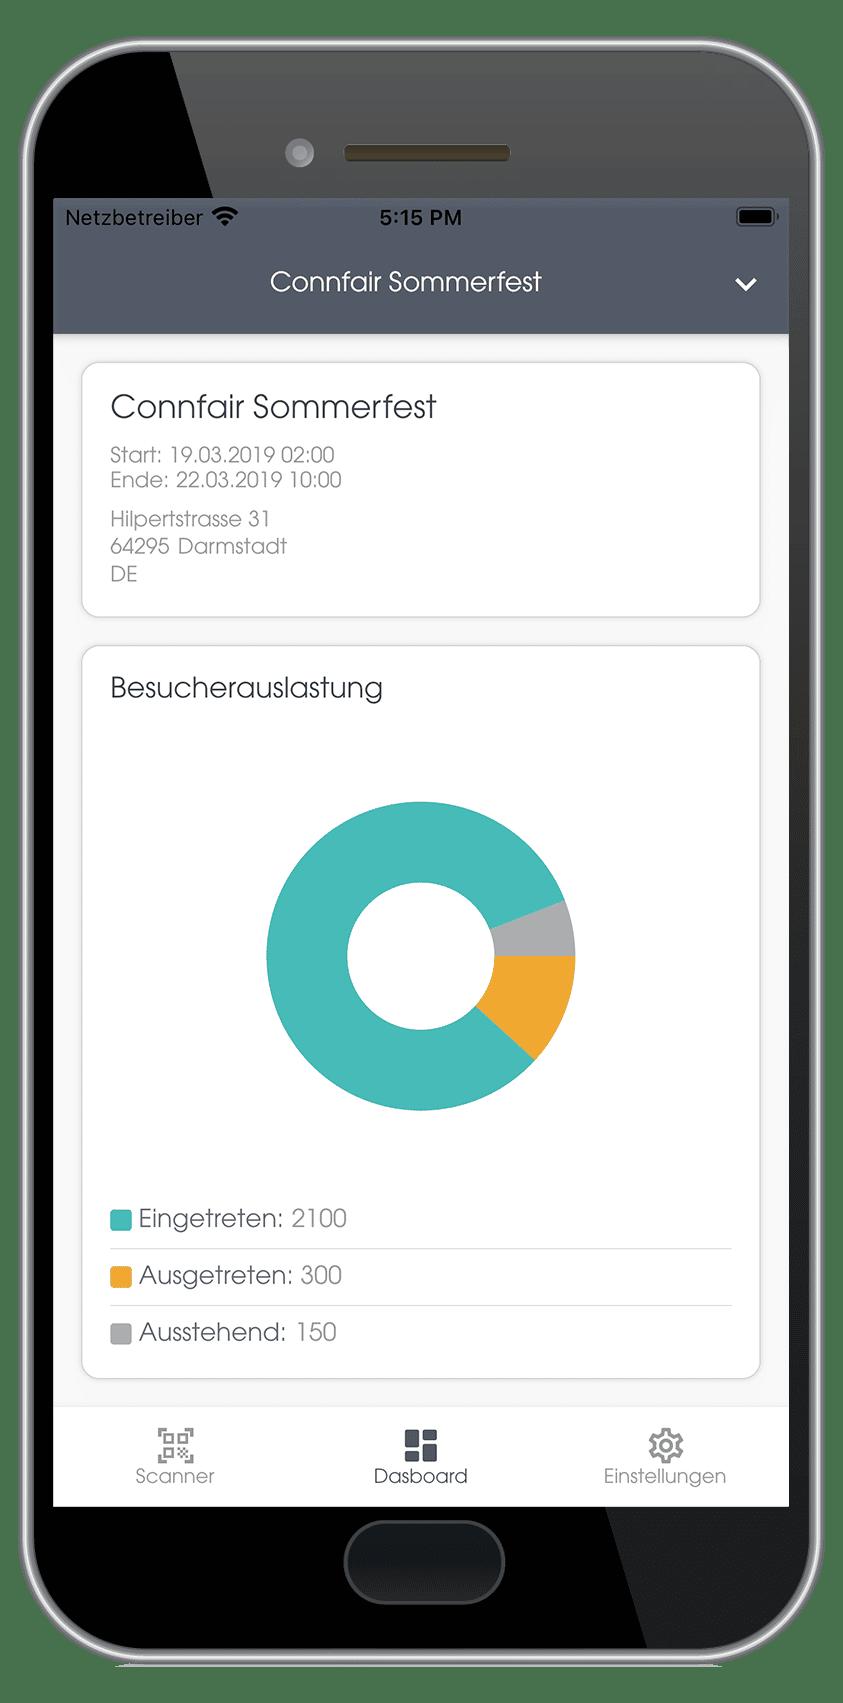 Der Bildschirm eines Smartphones zeigt die Live-Auslastung einer Veranstaltung in der neuen Connfair Admin App.